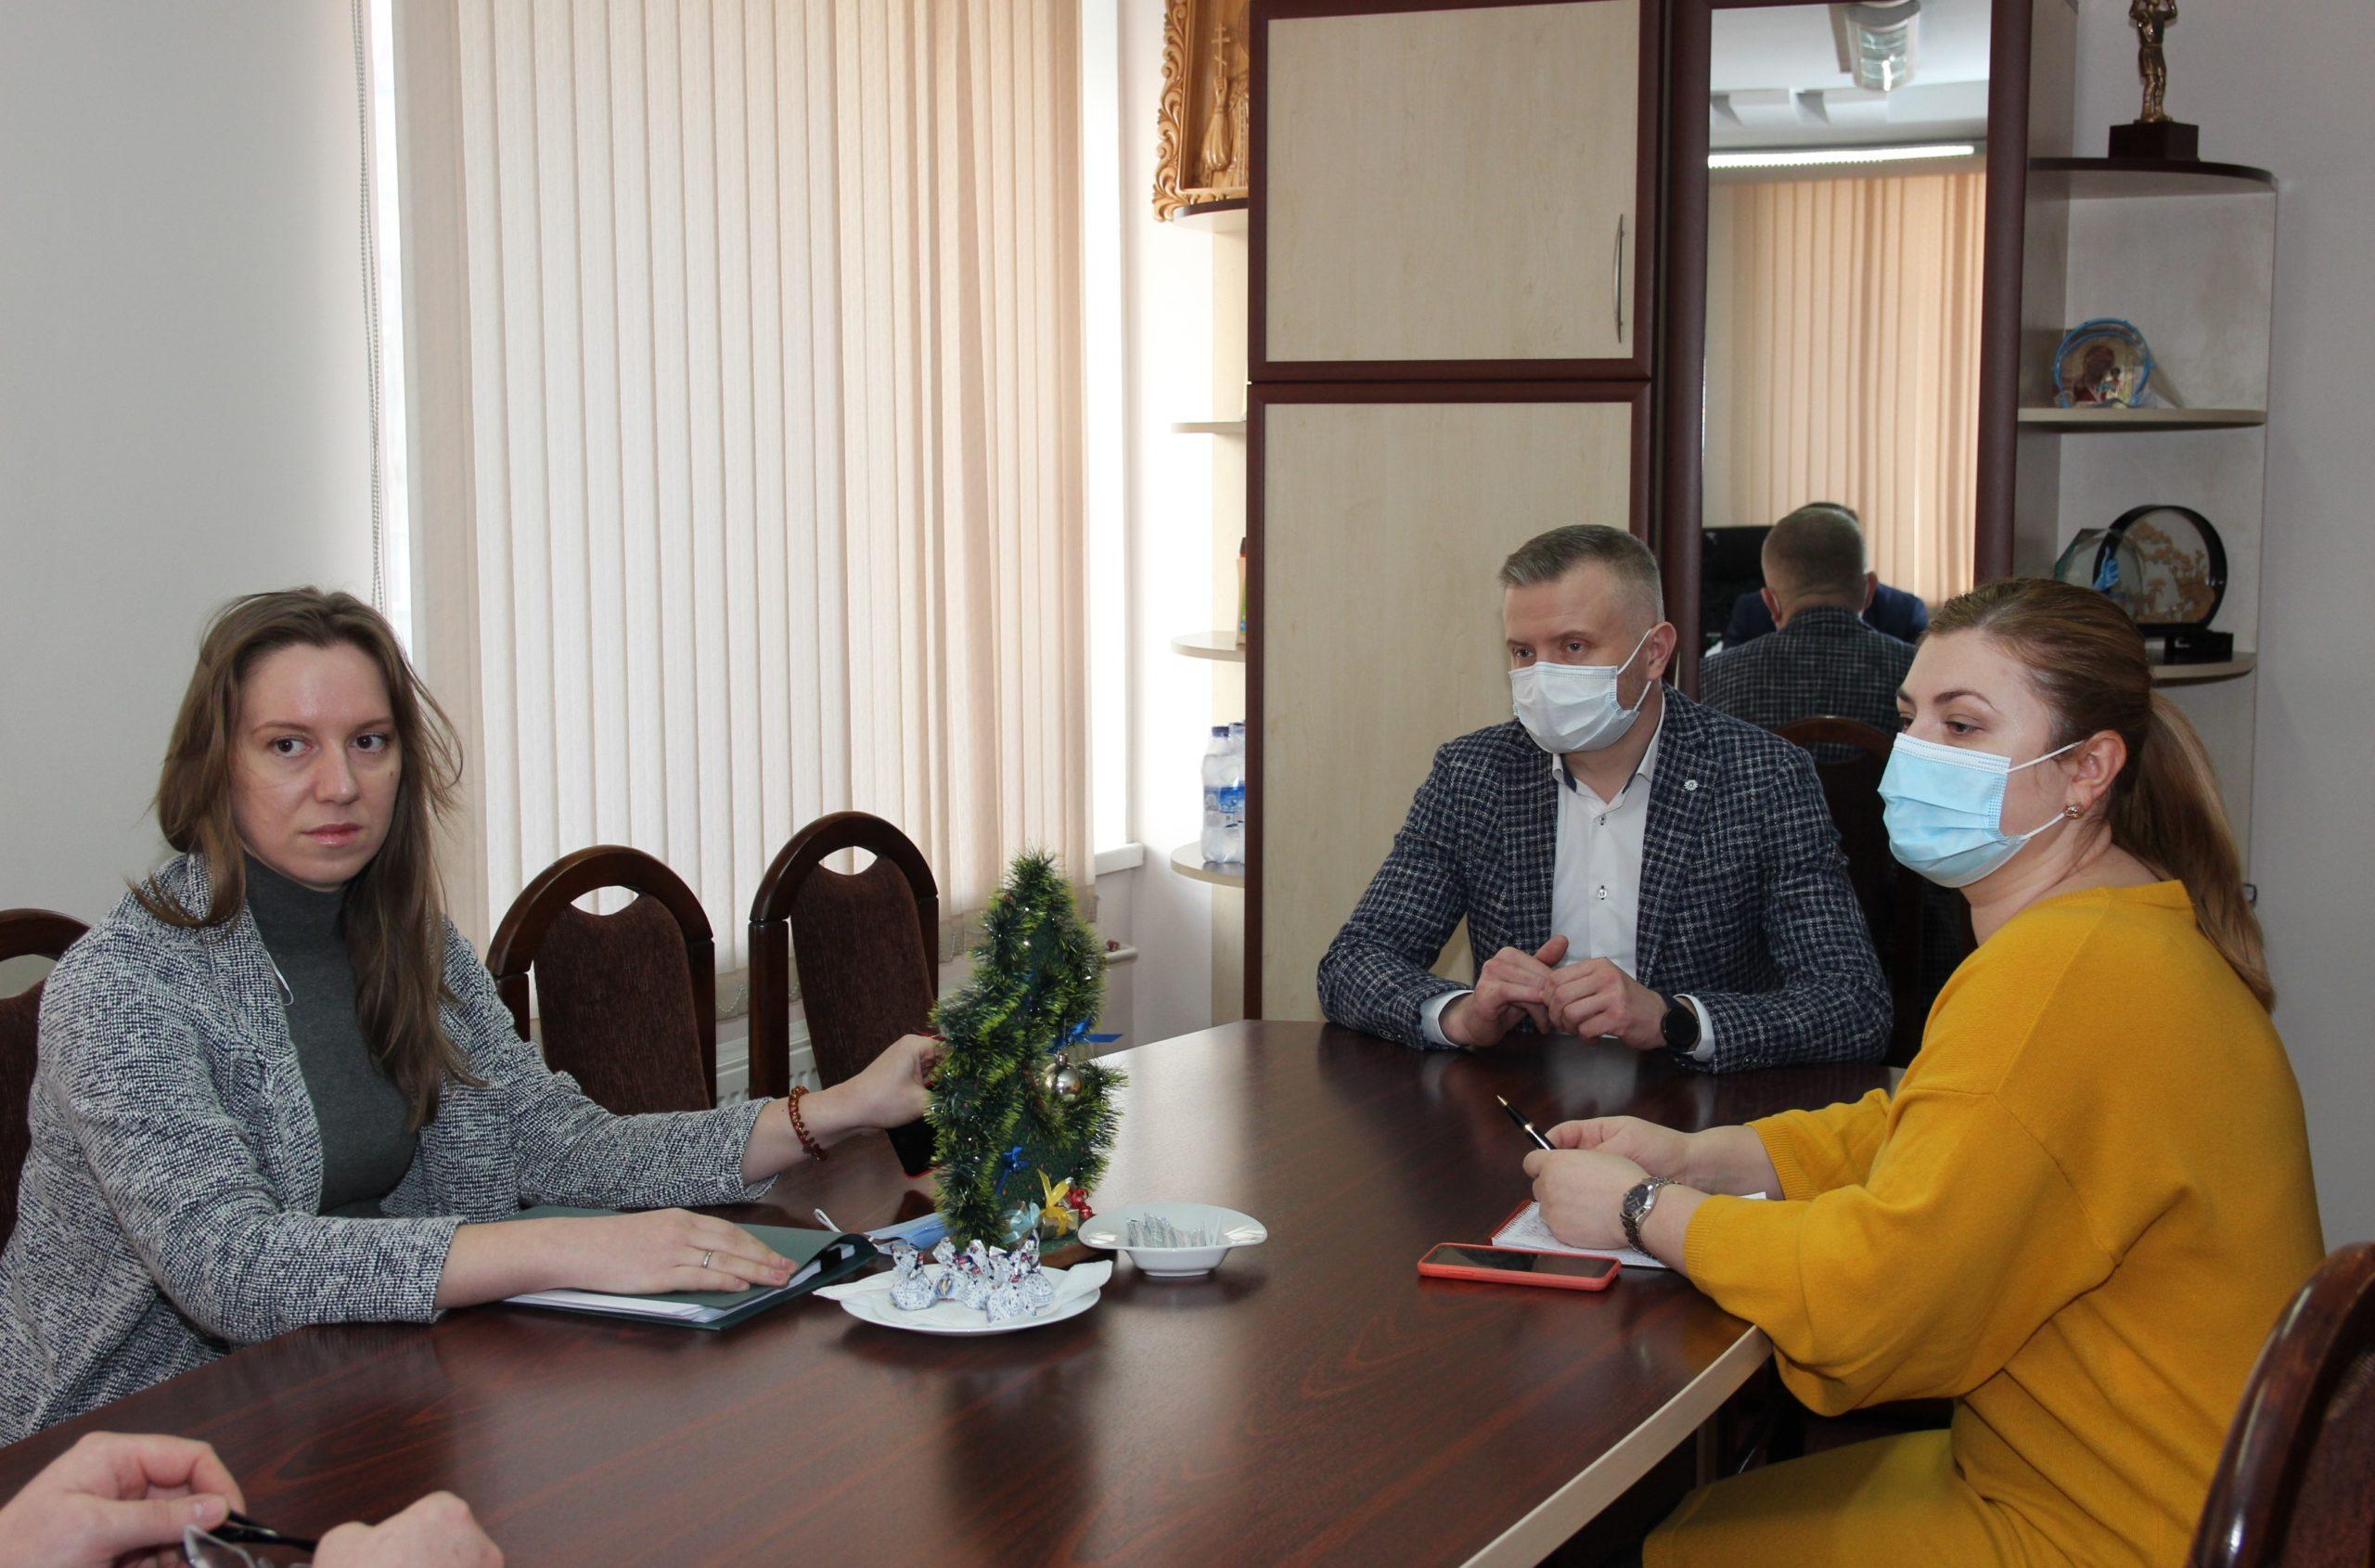 Ședință de planificare a obiectivelor în vederea pregătirii vocaționale a minorilor din detenție